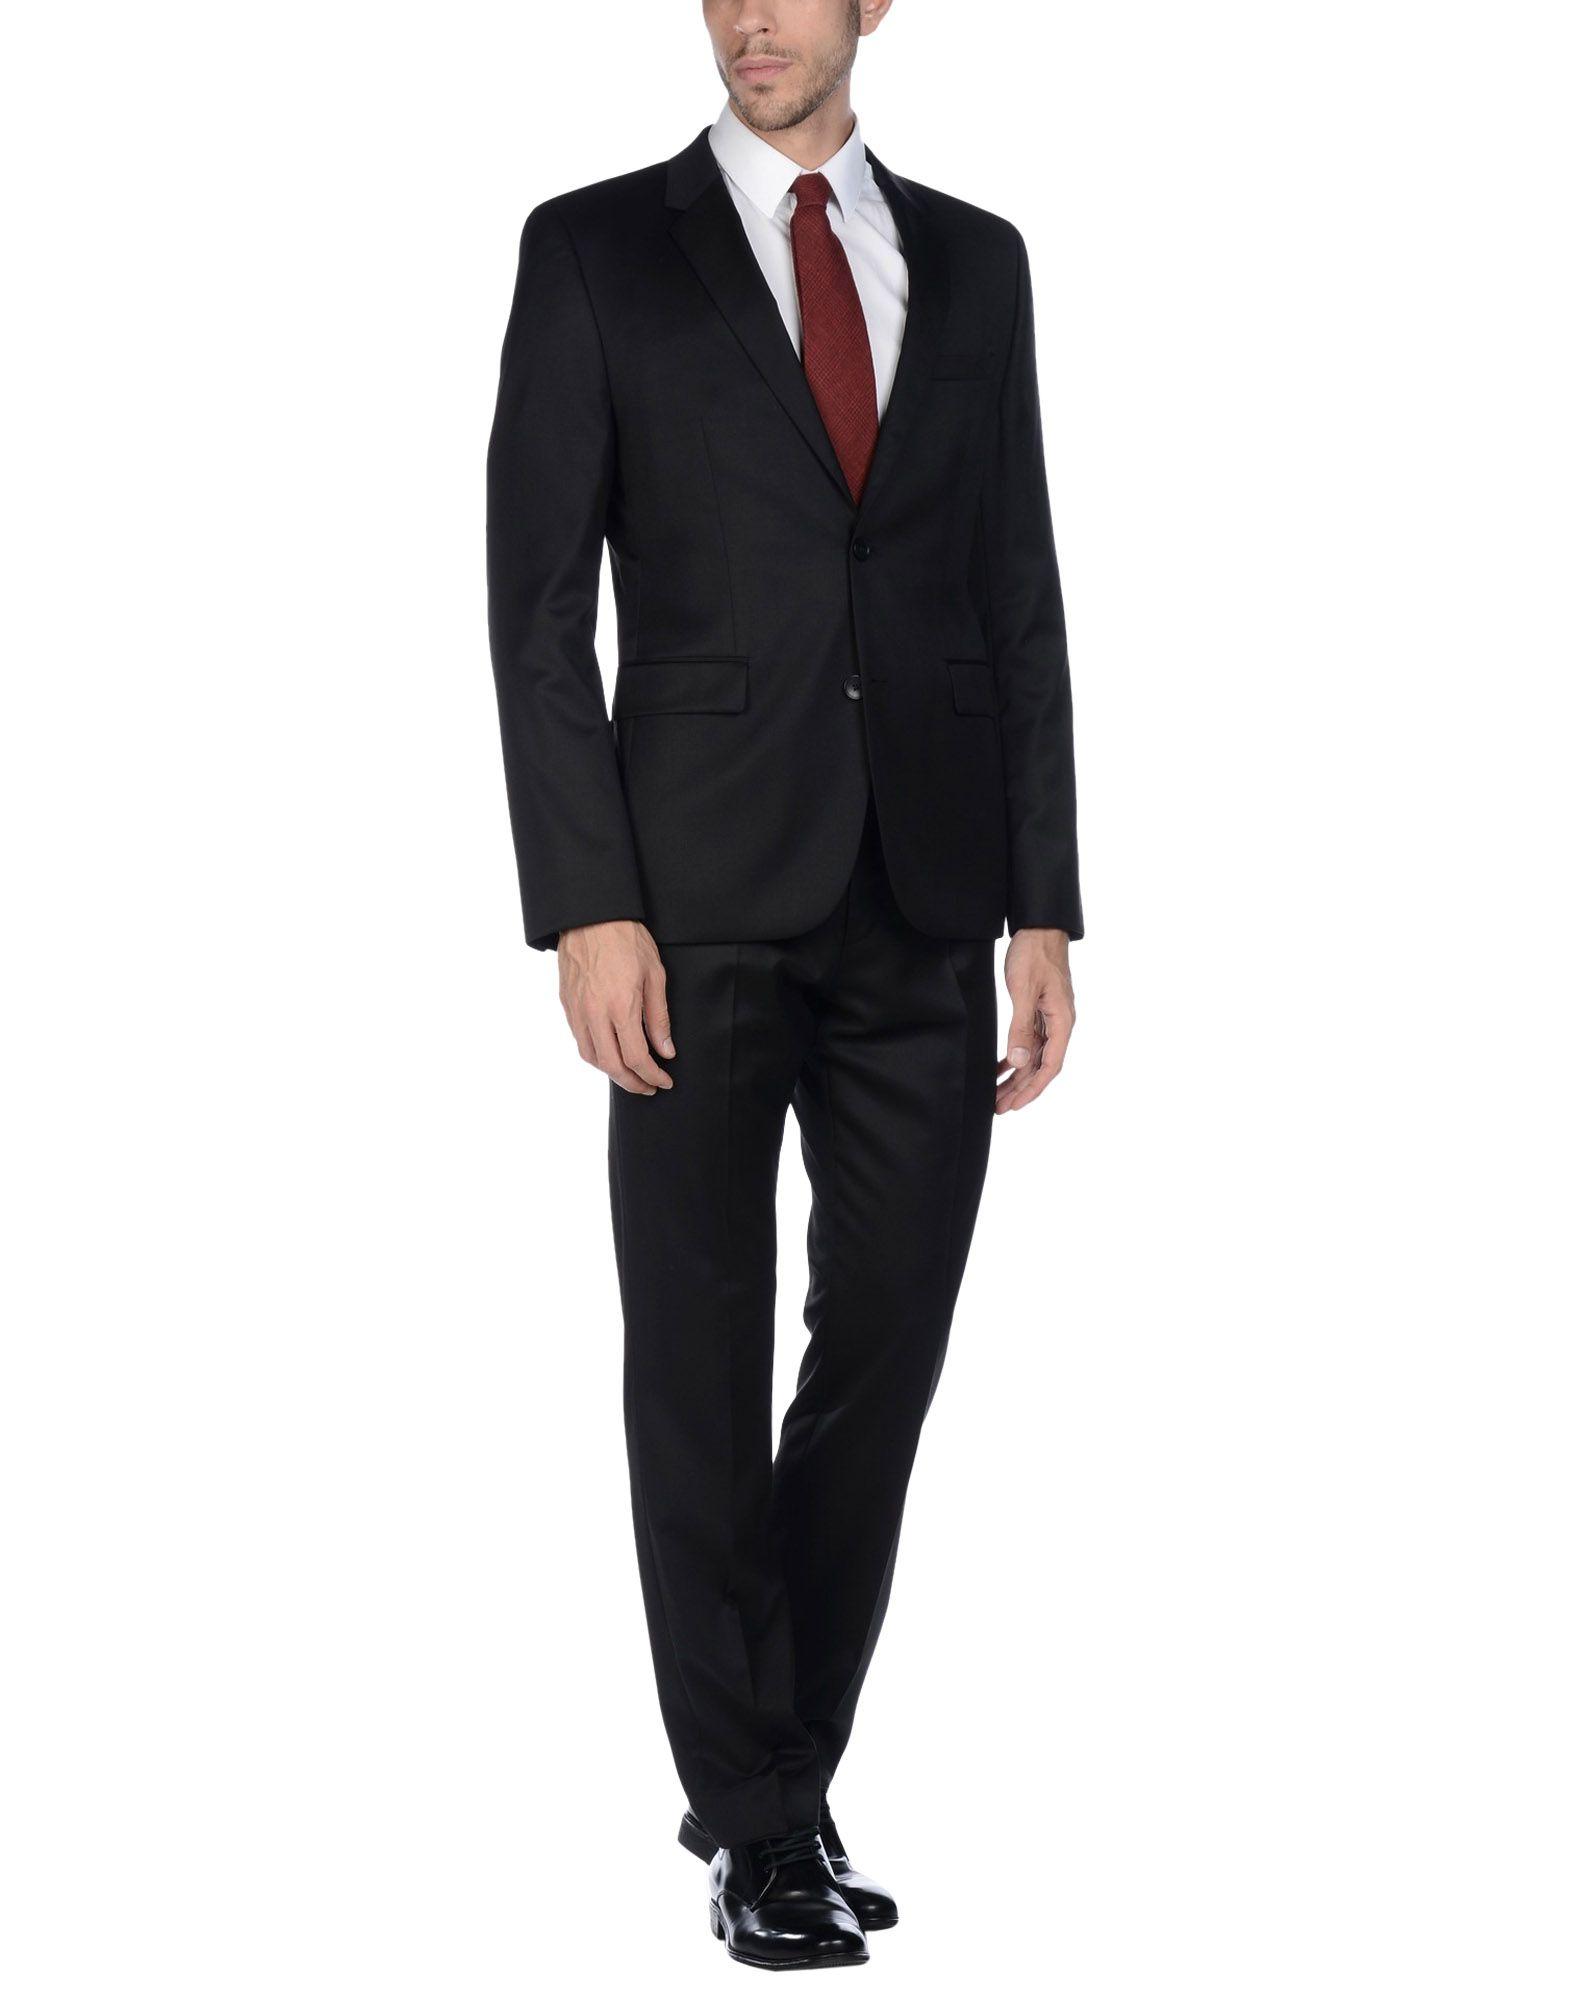 208556b32d0 costume noir hugo boss pas cher pas cher en ligne sur mikechaussure.fr sont  chauds à vendre. Venez choisir les meilleures chaussures Nike pour les  enfants